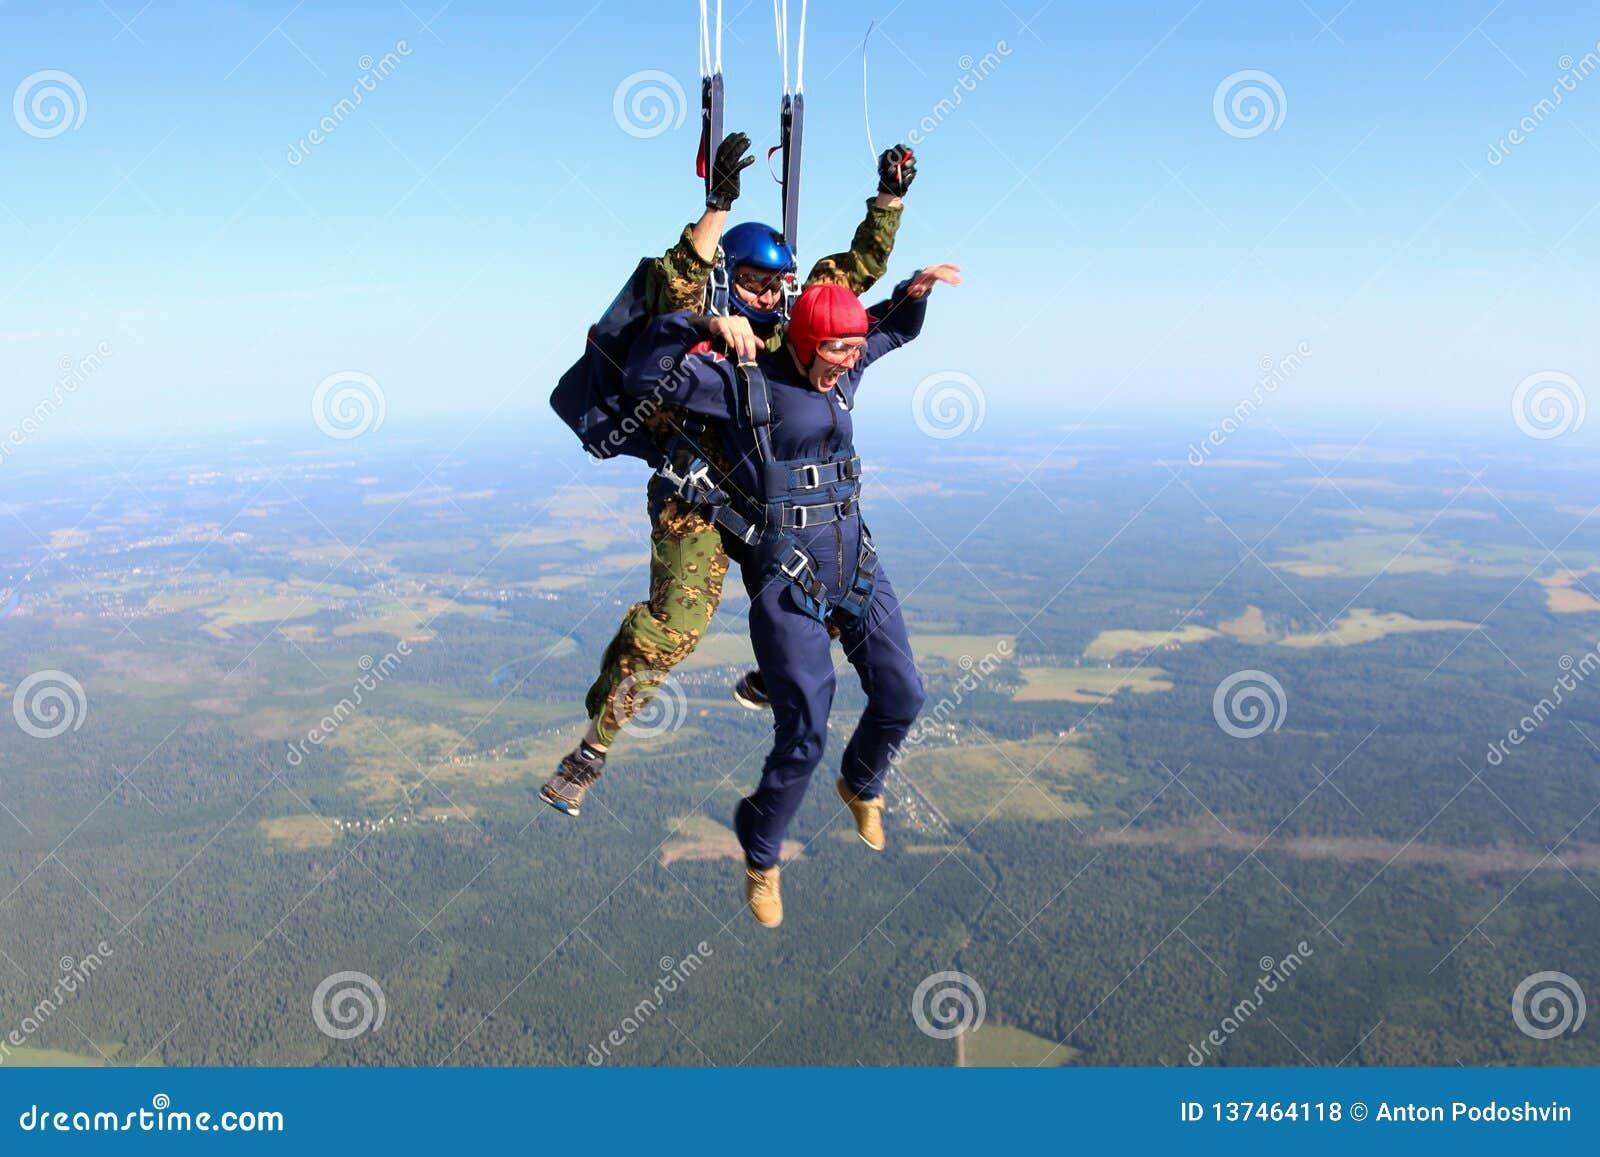 Skydiving Ögonblicket av hoppa fallskärm utplacering